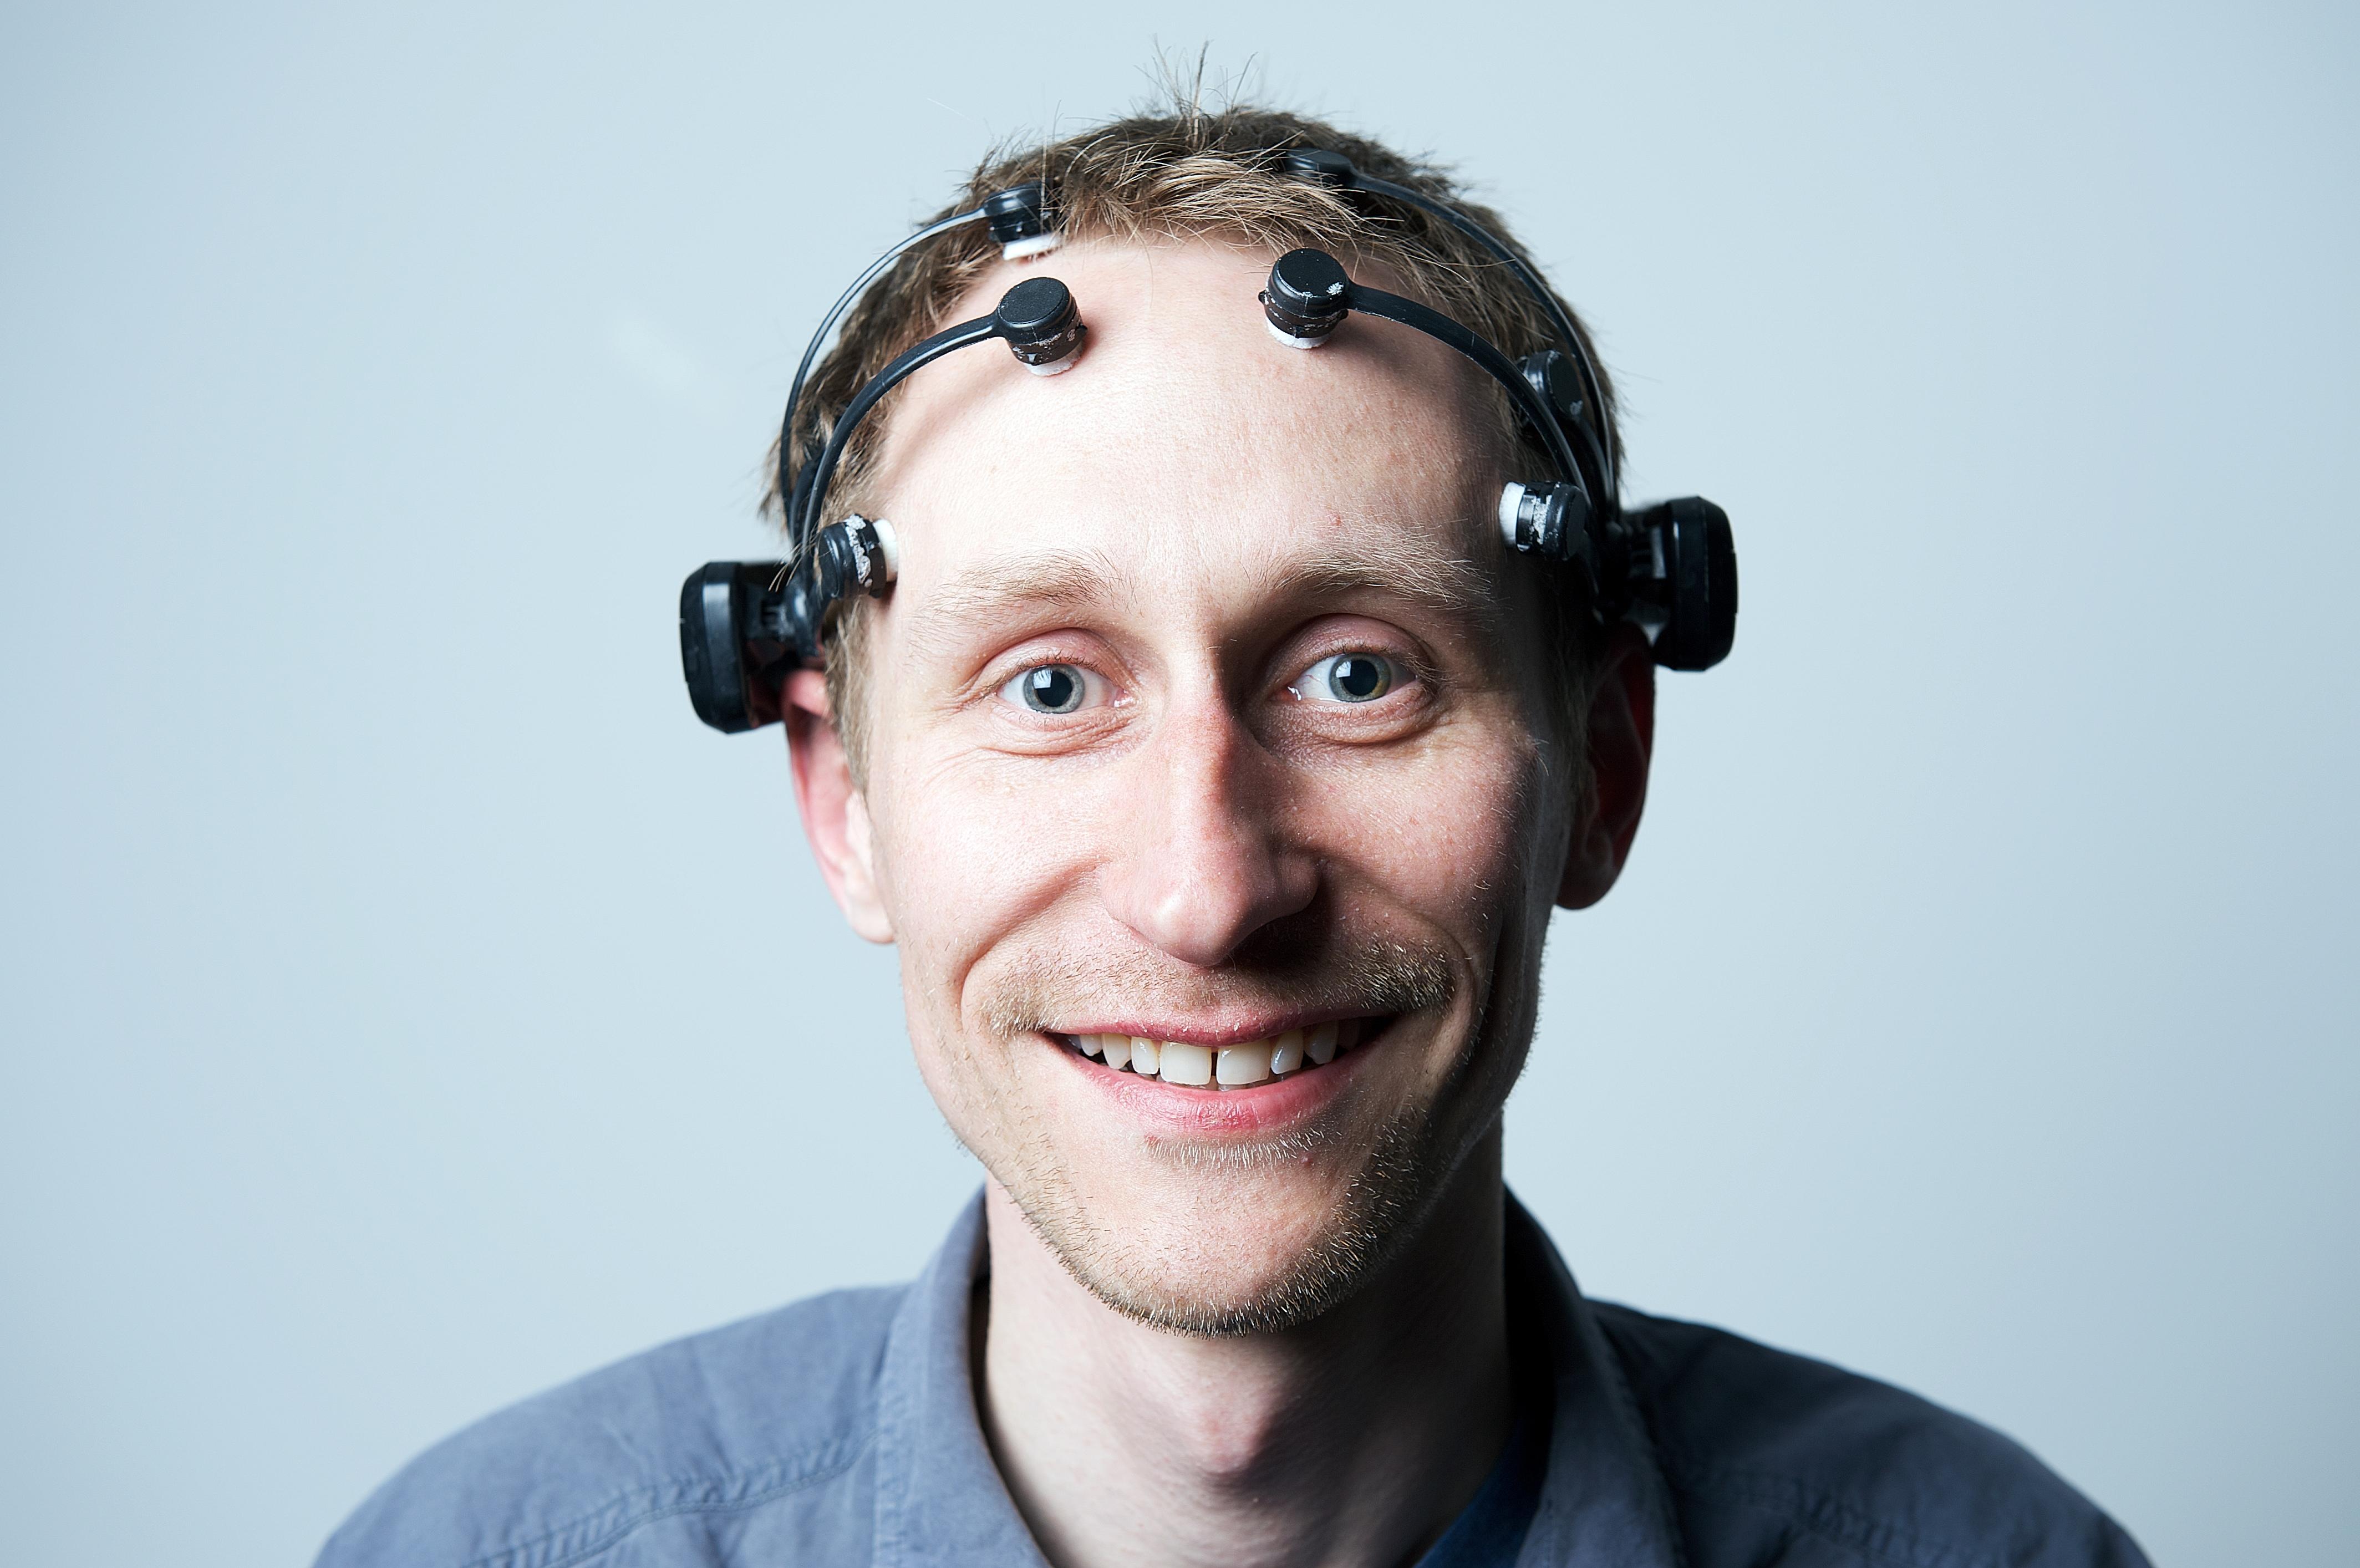 IBM's Kevin Brown wearing the Emotiv headset